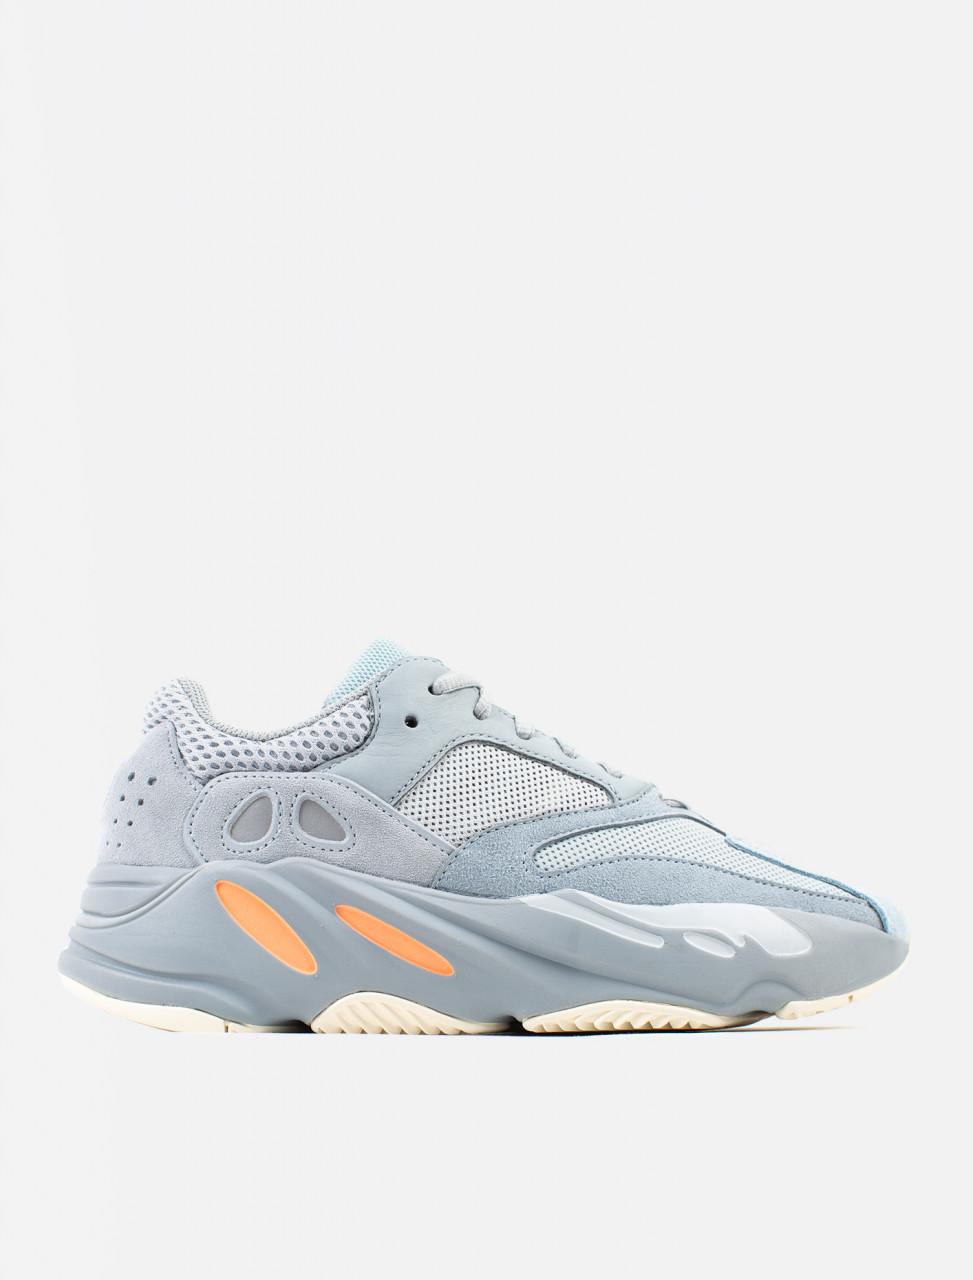 Yeezy Boost 700 Sneaker